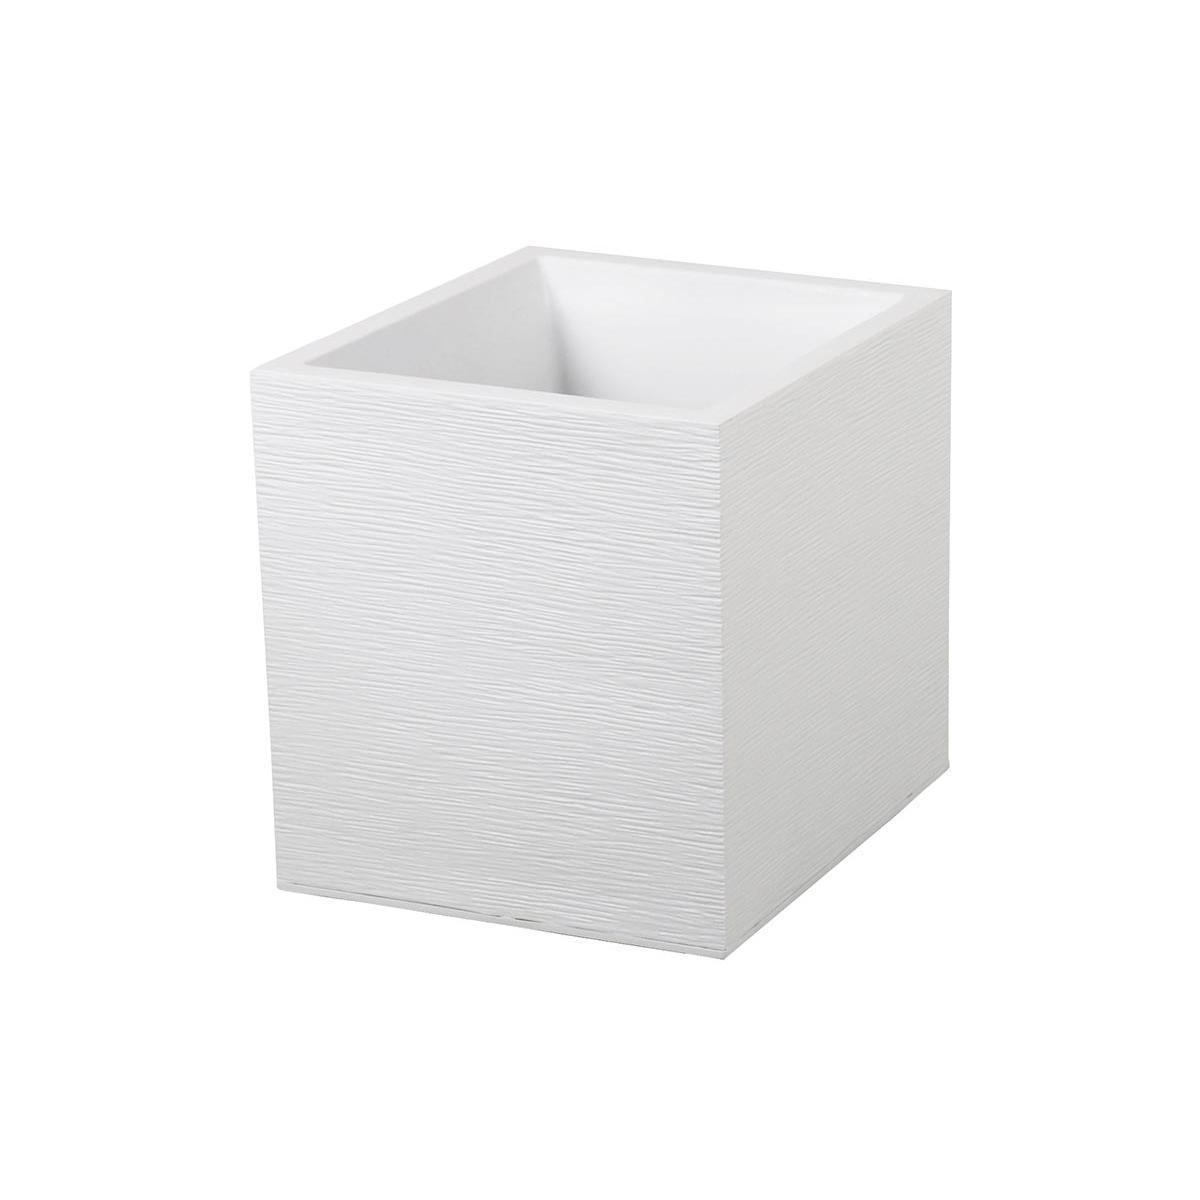 Eda EDA Pot carré Graphit - 39 x 39 x 43 cm - Contenance 35 L - Blanc cérusé